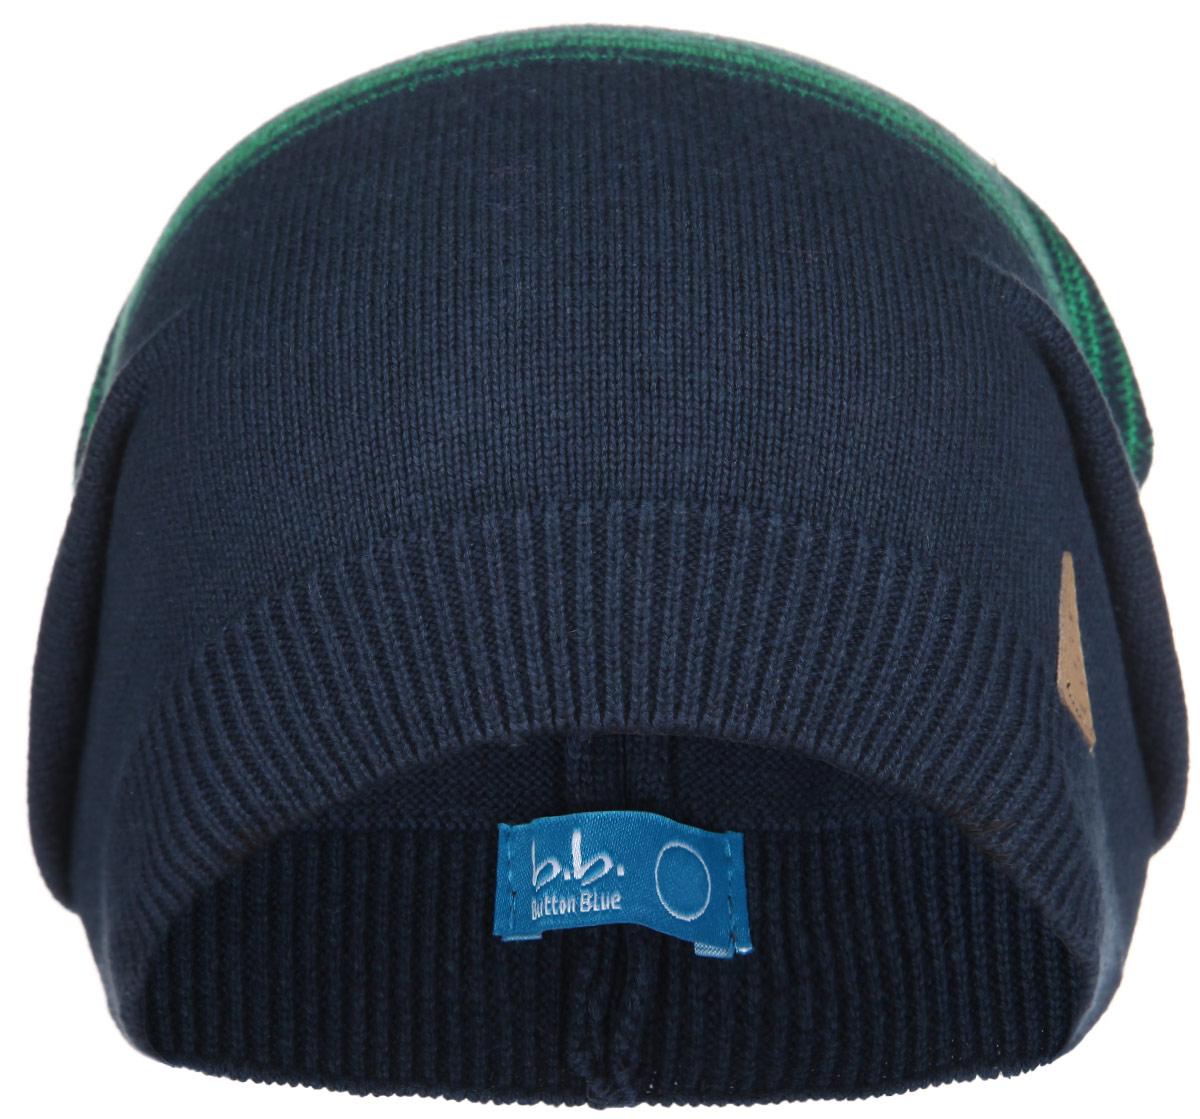 Шапка для мальчика. 116BBBB7302116BBBB7302Стильная вязаная шапка для мальчика Button Blue идеально подойдет для прогулок в прохладное время года. Изготовленная из натурального хлопка, она обладает хорошими дышащими свойствами и надежно удерживает тепло. Шапка оформлена вязаными полосками и декорирована небольшой кожаной нашивкой. Понизу проходит широкая вязаная резинка. Такая шапка станет модным и стильным предметом детского гардероба. Она улучшит настроение даже в хмурые прохладные дни! Уважаемые клиенты! Размер, доступный для заказа, является обхватом головы ребенка.